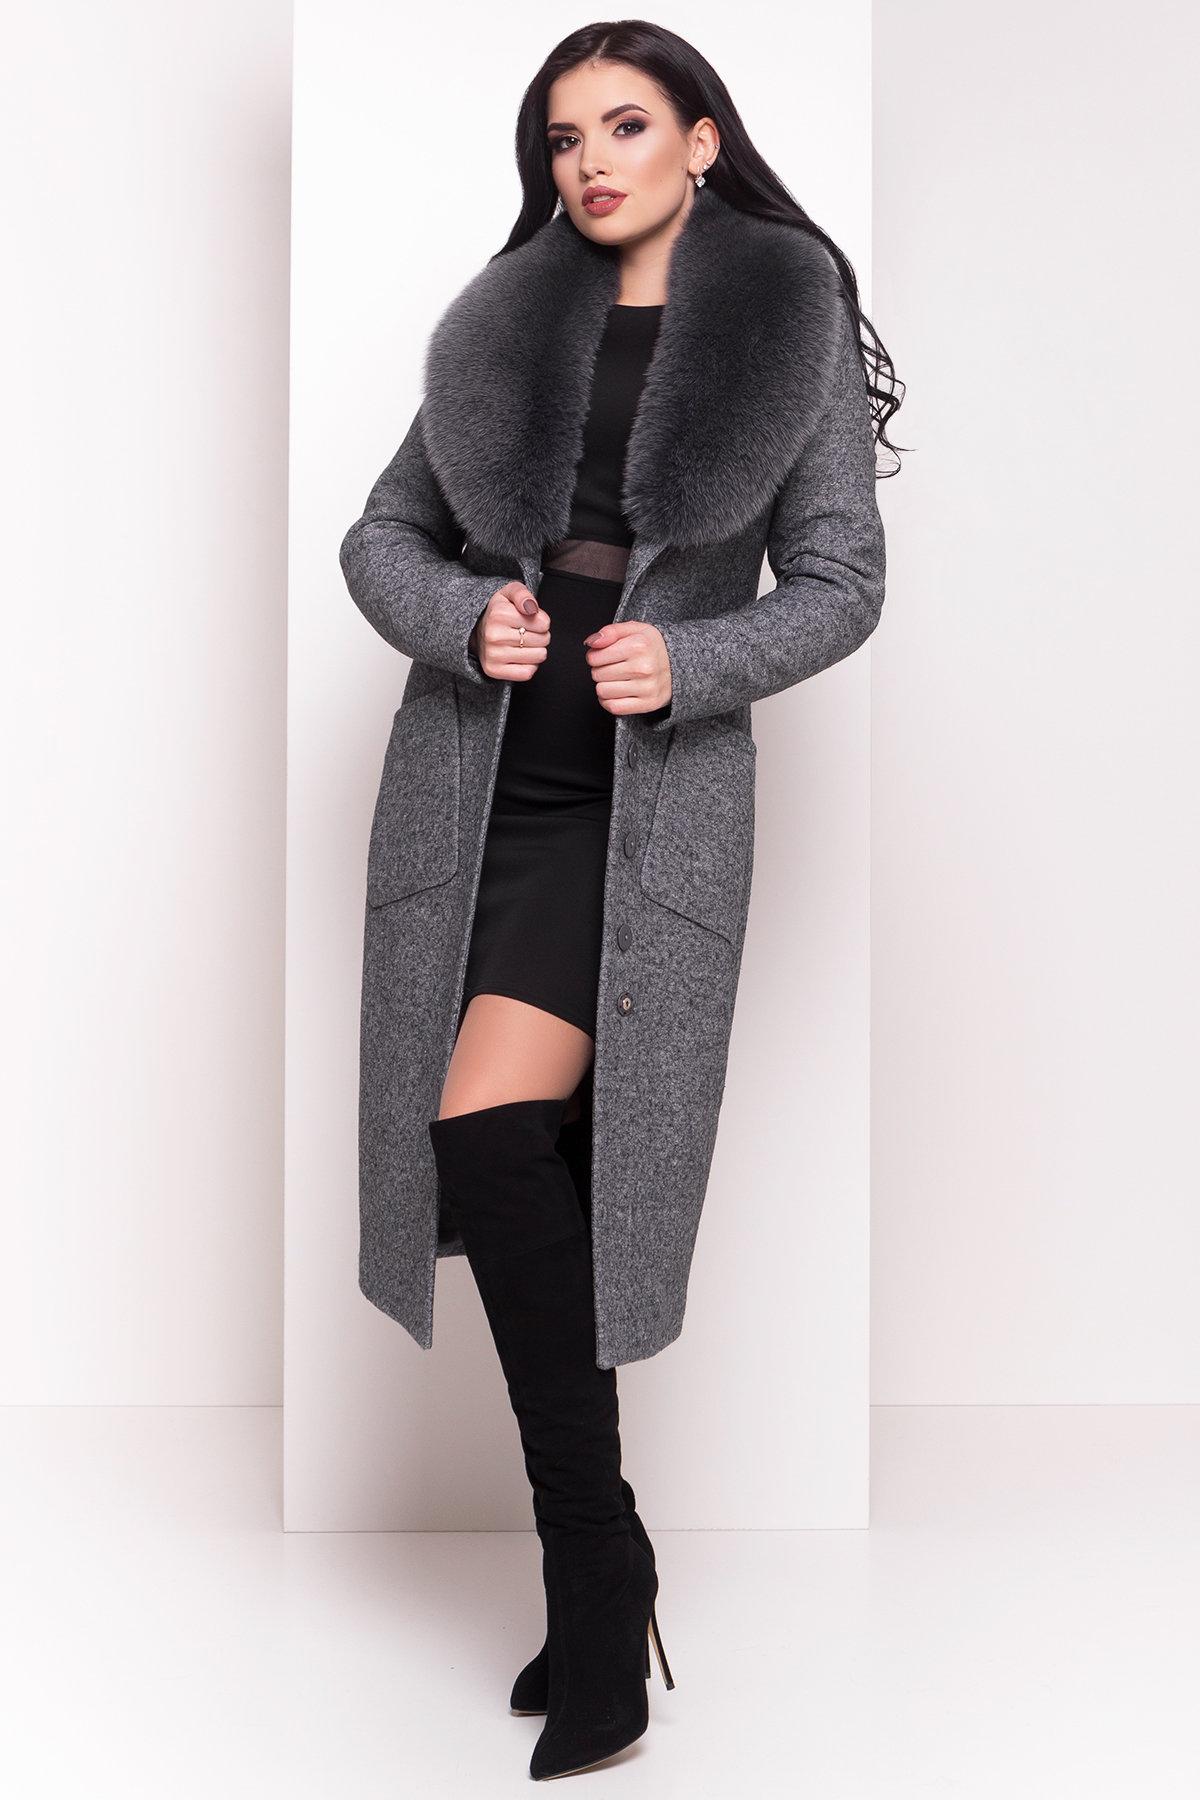 Зимнее пальто с воротником из песца Габриэлла 4150 АРТ. 20300 Цвет: Серый Темный LW-5 - фото 1, интернет магазин tm-modus.ru